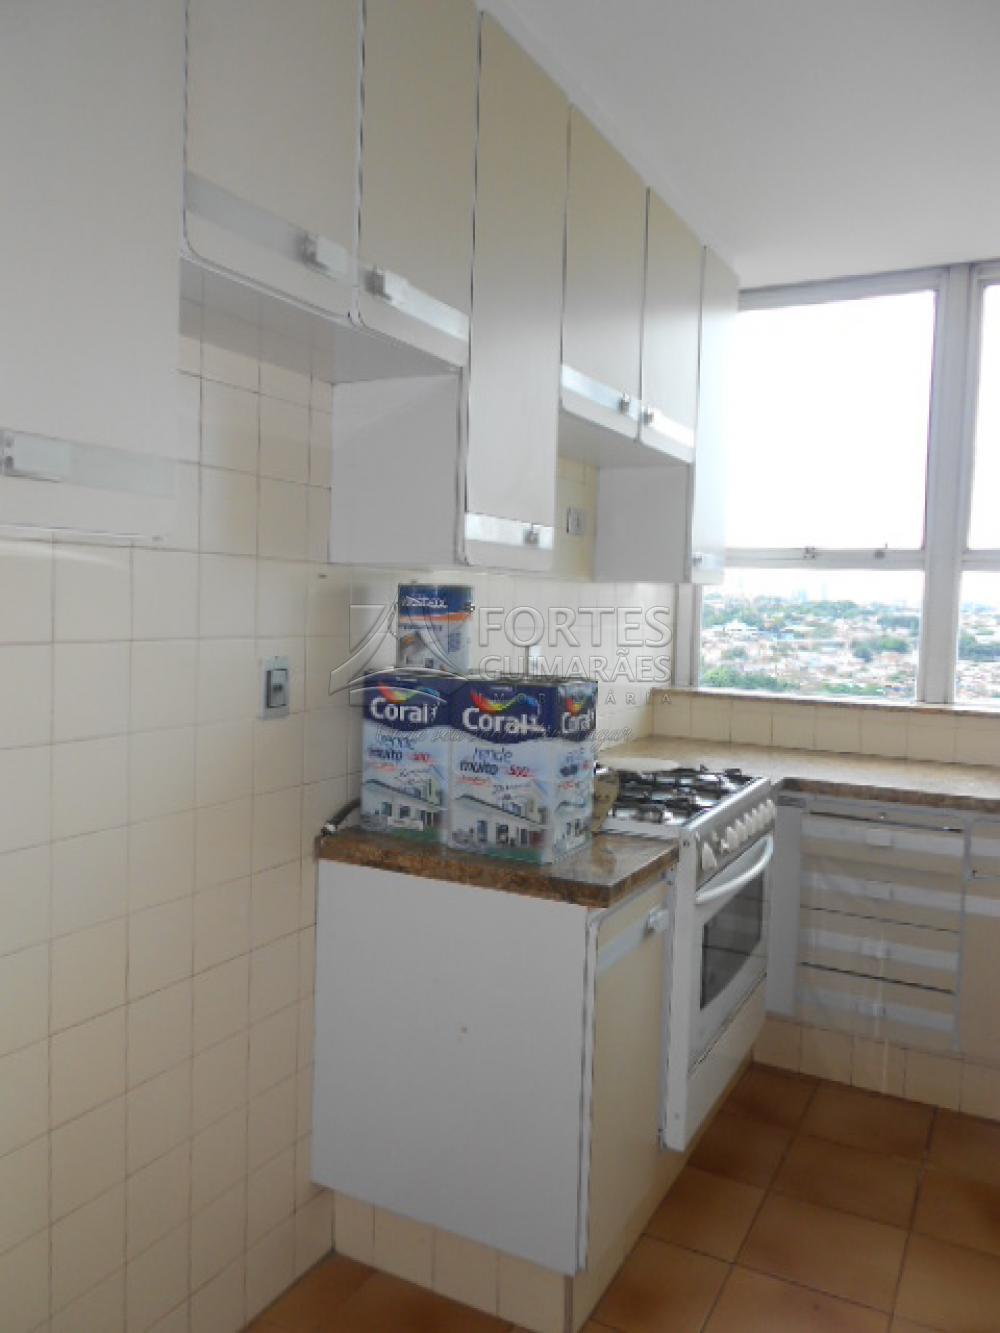 Alugar Apartamentos / Padrão em Ribeirão Preto apenas R$ 1.500,00 - Foto 66